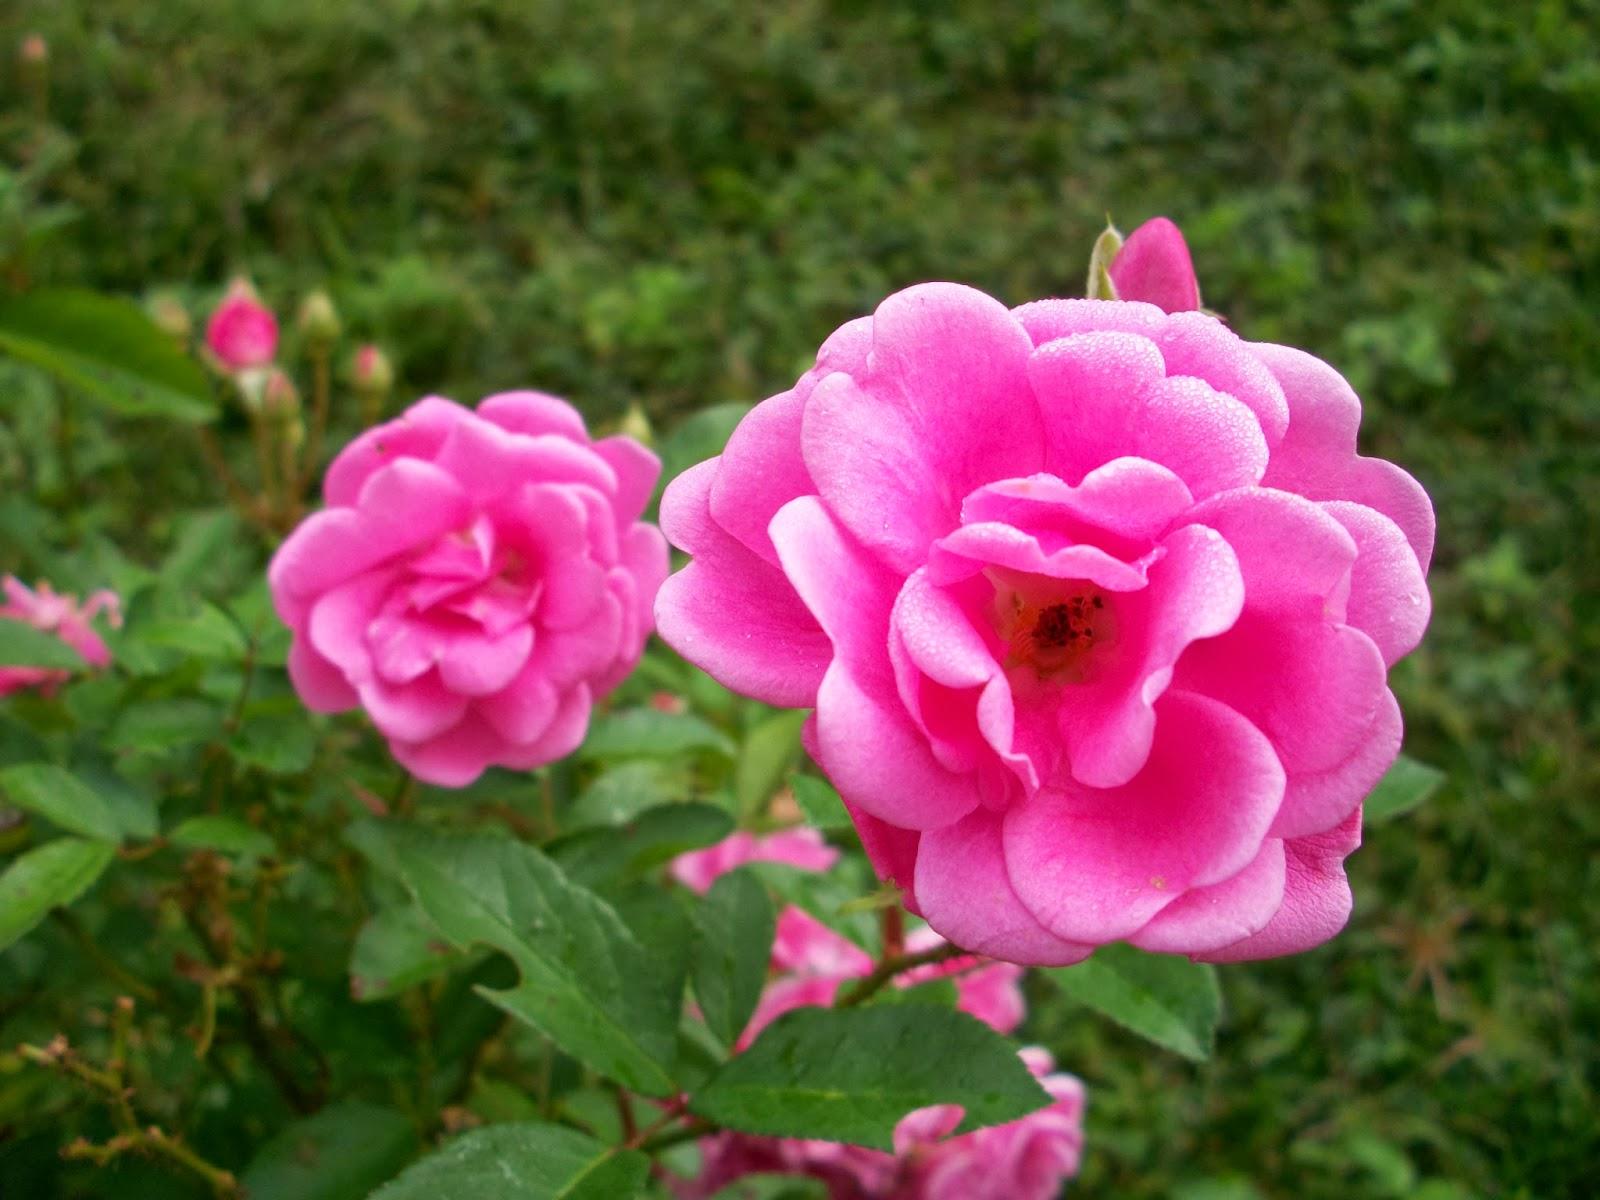 Mulheres SÃo Como Flores: O Blog Dos Apaixonados: Uma Mulher é